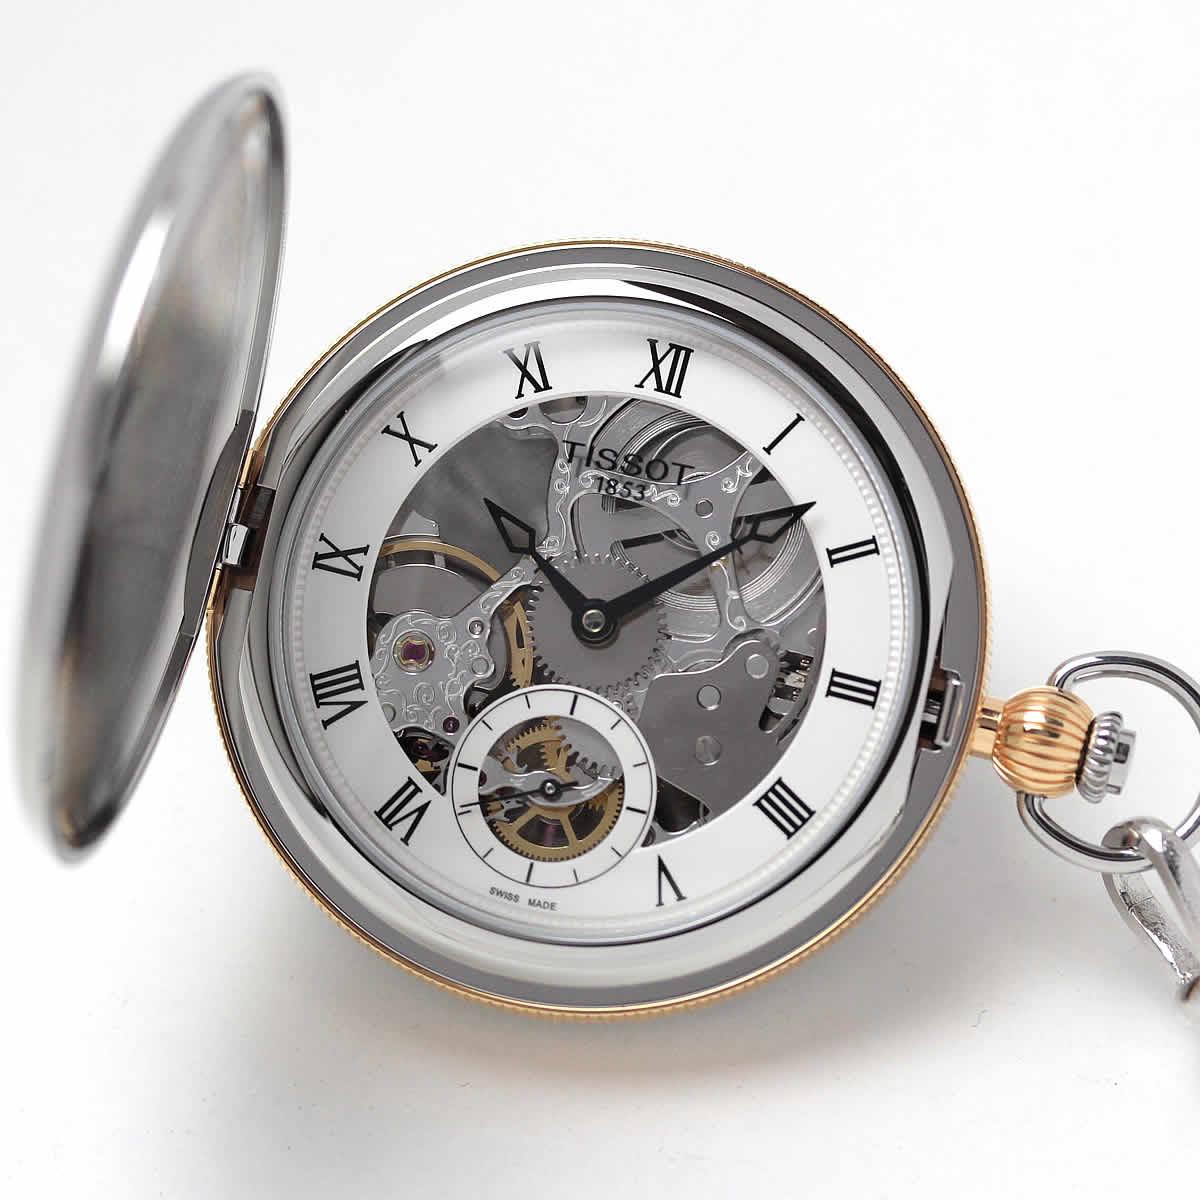 Tissot (ティソ) ポケット ブリッジポート メカニカル スケルトン 手巻き T859.405.29.273.00 懐中時計